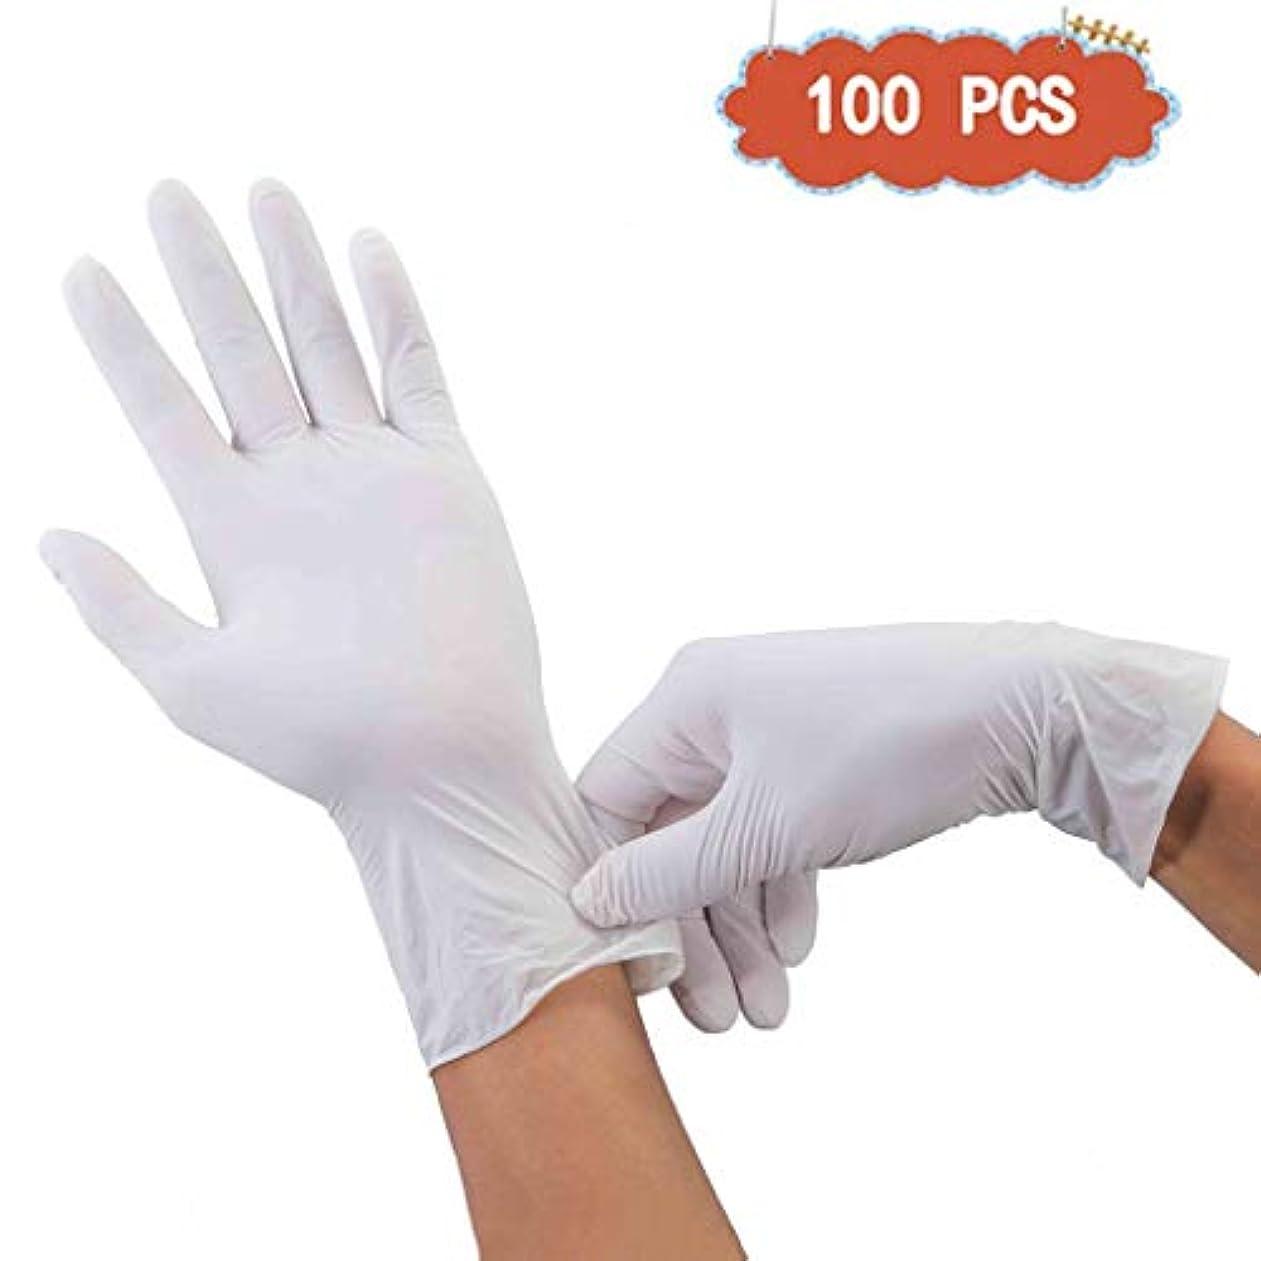 急勾配の十代事故ニトリル手袋、白い手袋食品衛生処理医療産業使い捨て手袋ペットケアネイルアート検査保護実験、美容サロンラテックスフリー、、 100個 (Size : S)